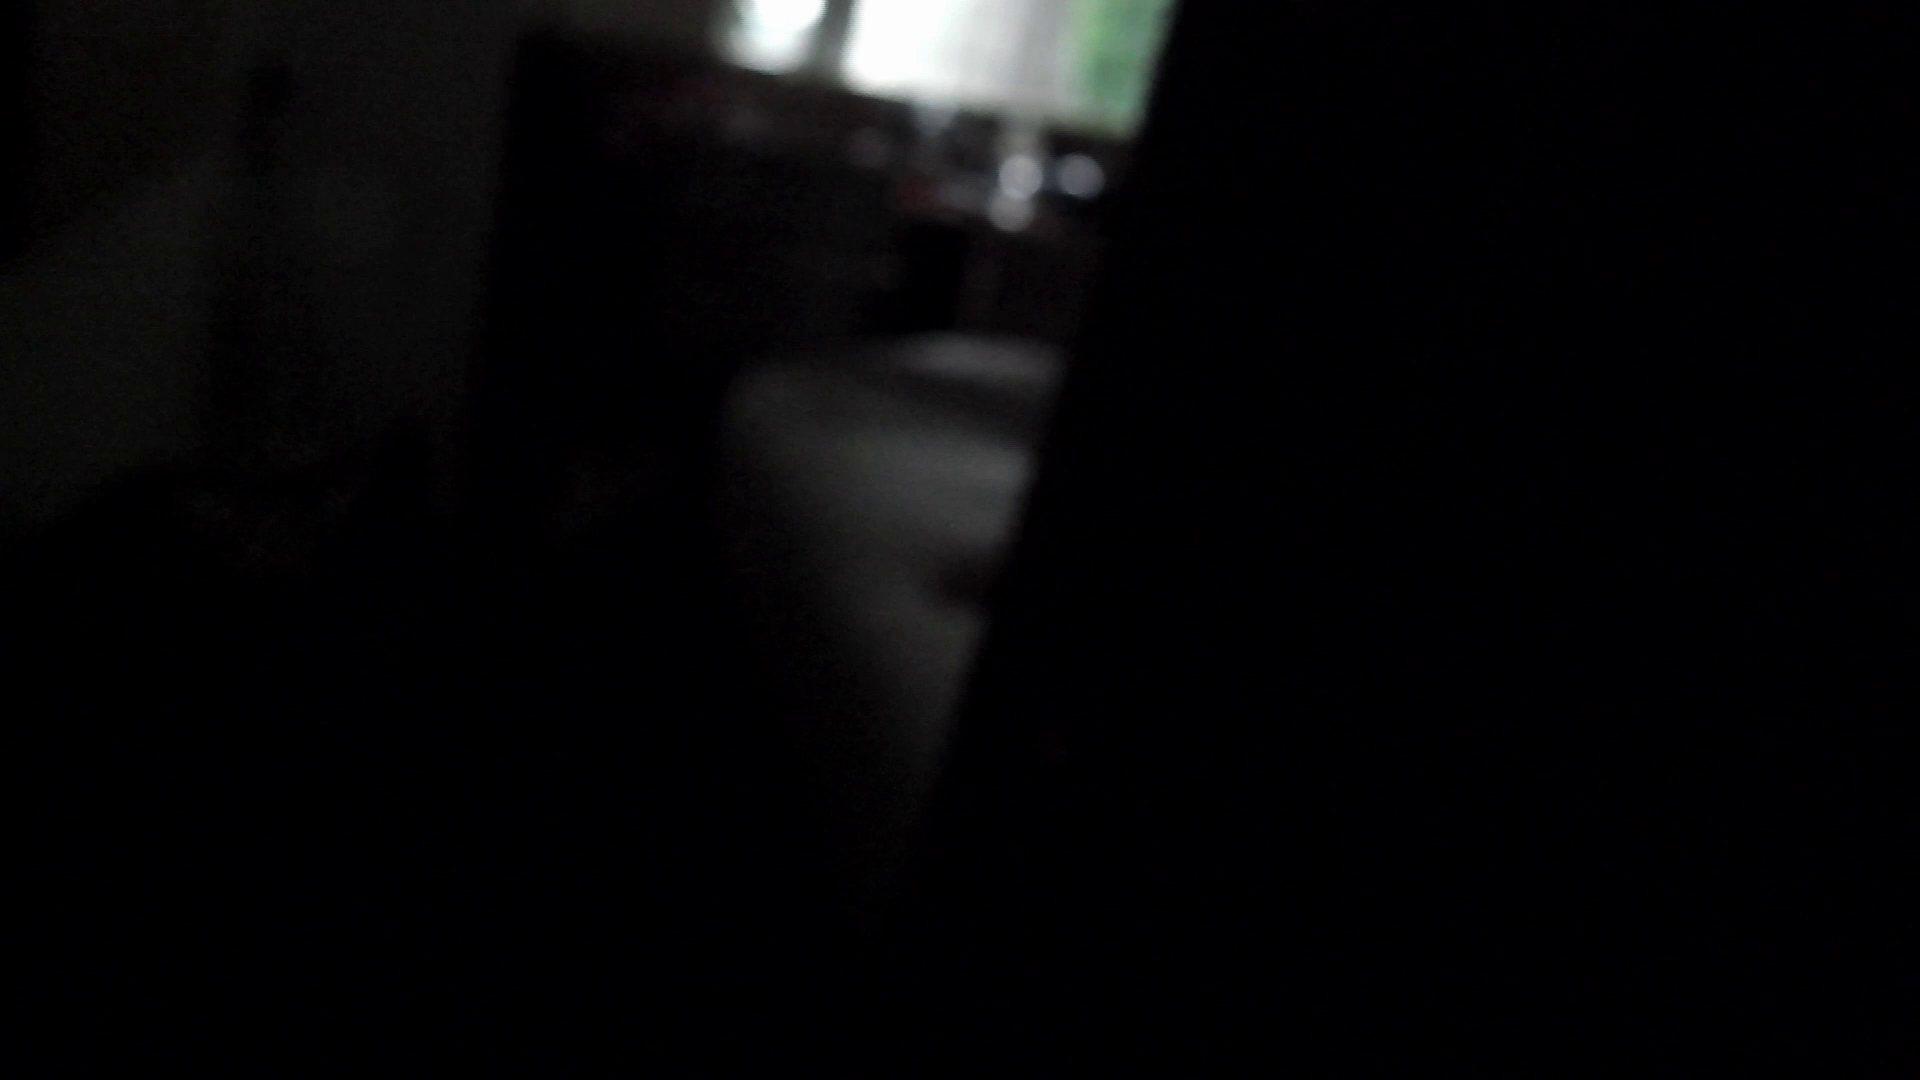 ヒトニアラヅNo.01 侵入 細身体型 性交動画流出 80枚 24